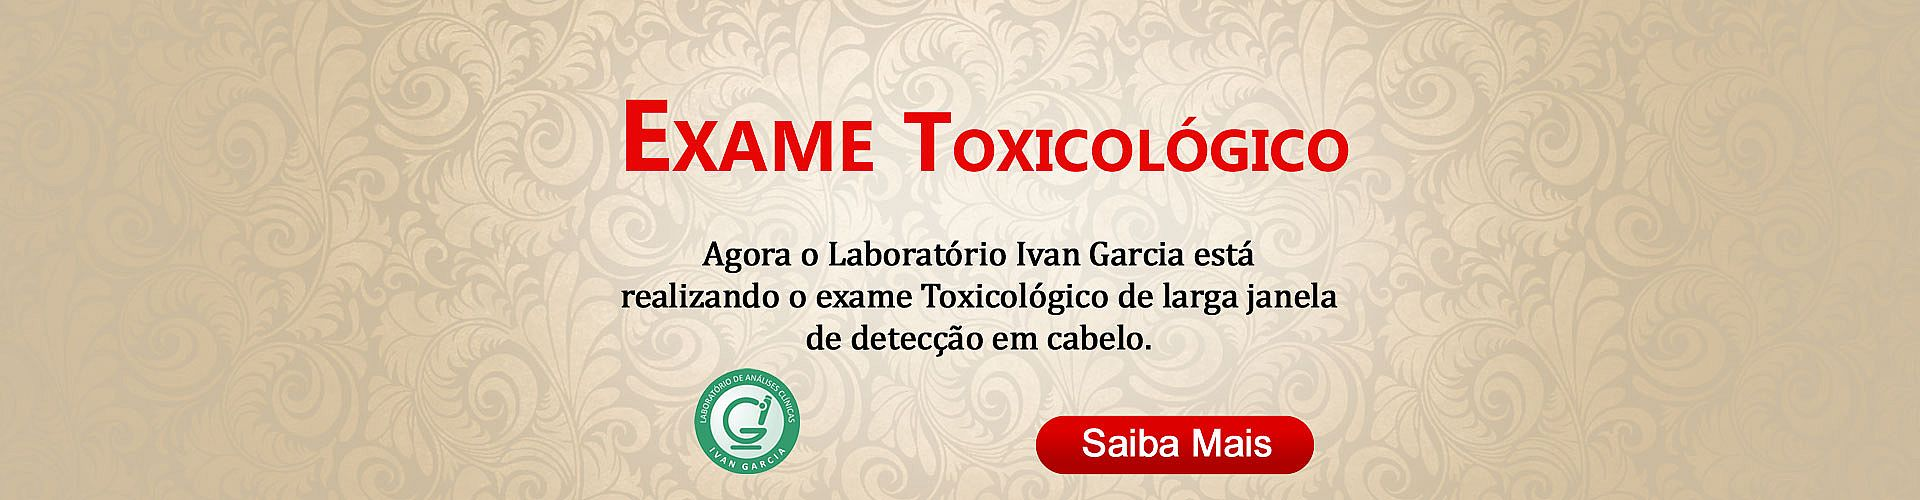 Toxicológico De Larga Janela De Detecção Em Cabelo